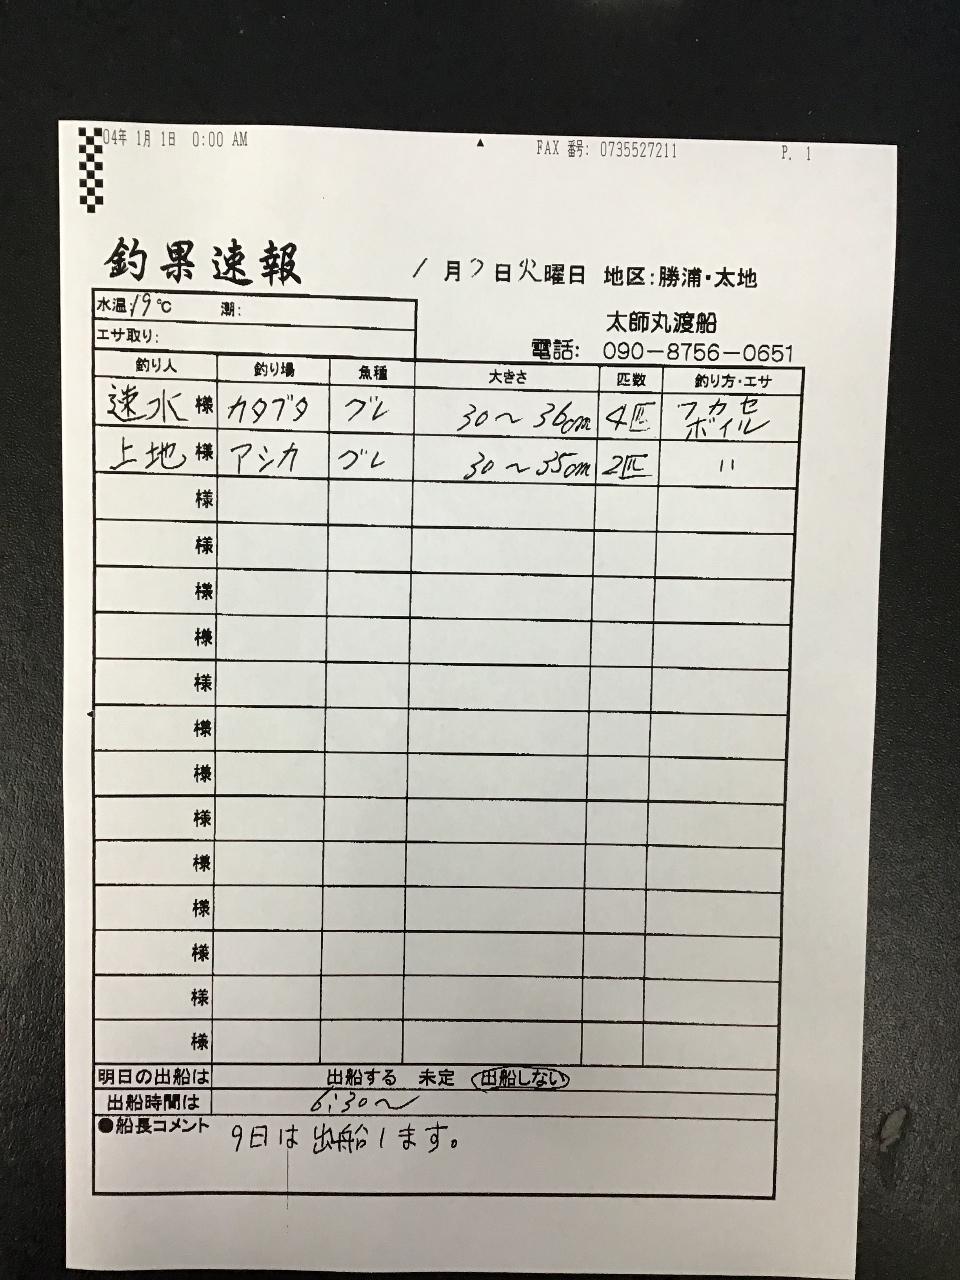 1/7太地 太師丸渡船さんの釣果